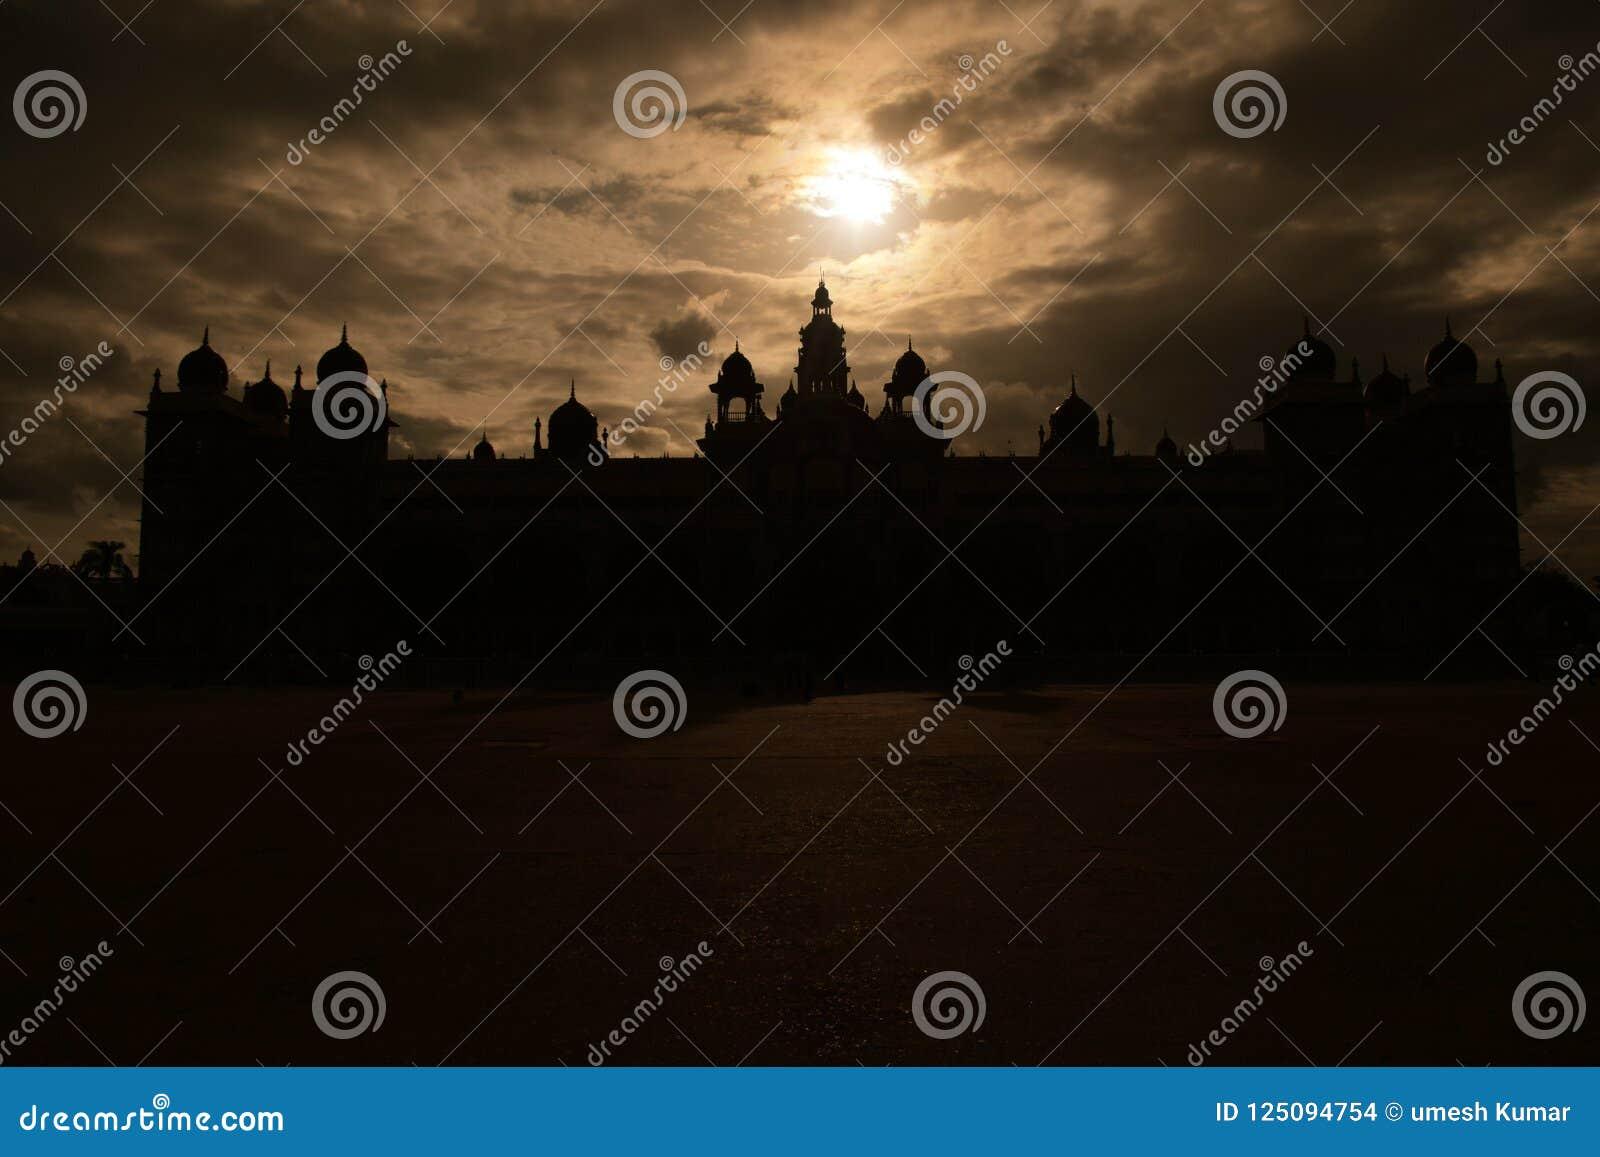 Mysore palace sundet stock photo  Image of palace, isthis - 125094754